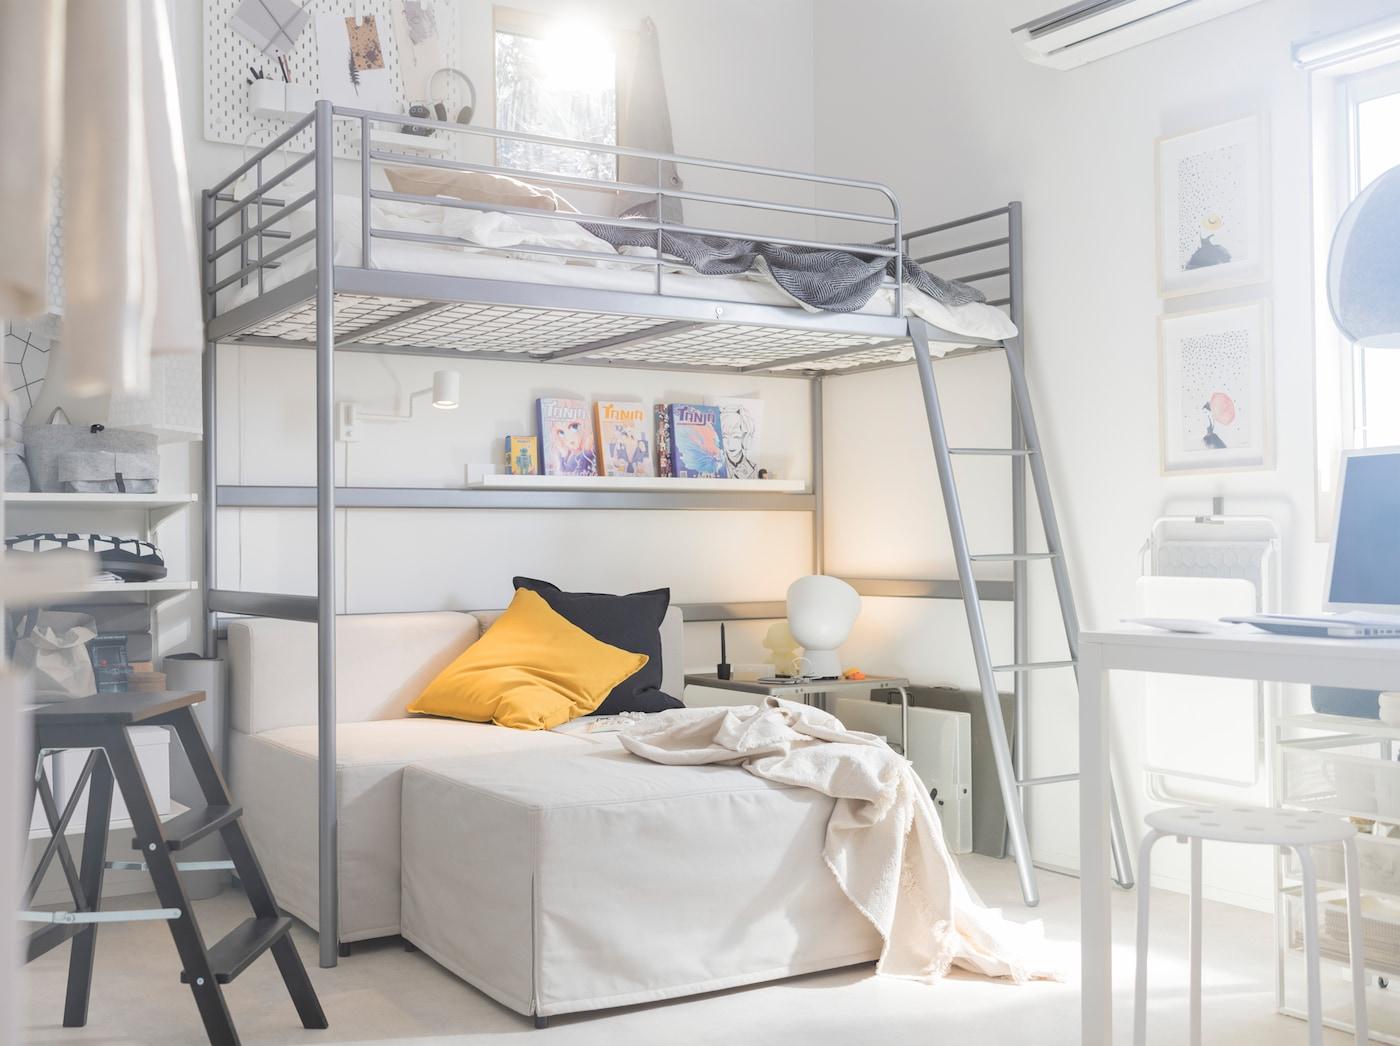 Maximize um espaço pequeno com a estrutura de cama alta em aço SVÄRTA da IKEA e com uma escada. Há espaço para mais uma pessoa em baixo ou para um sofá e um espaço tipo sala.